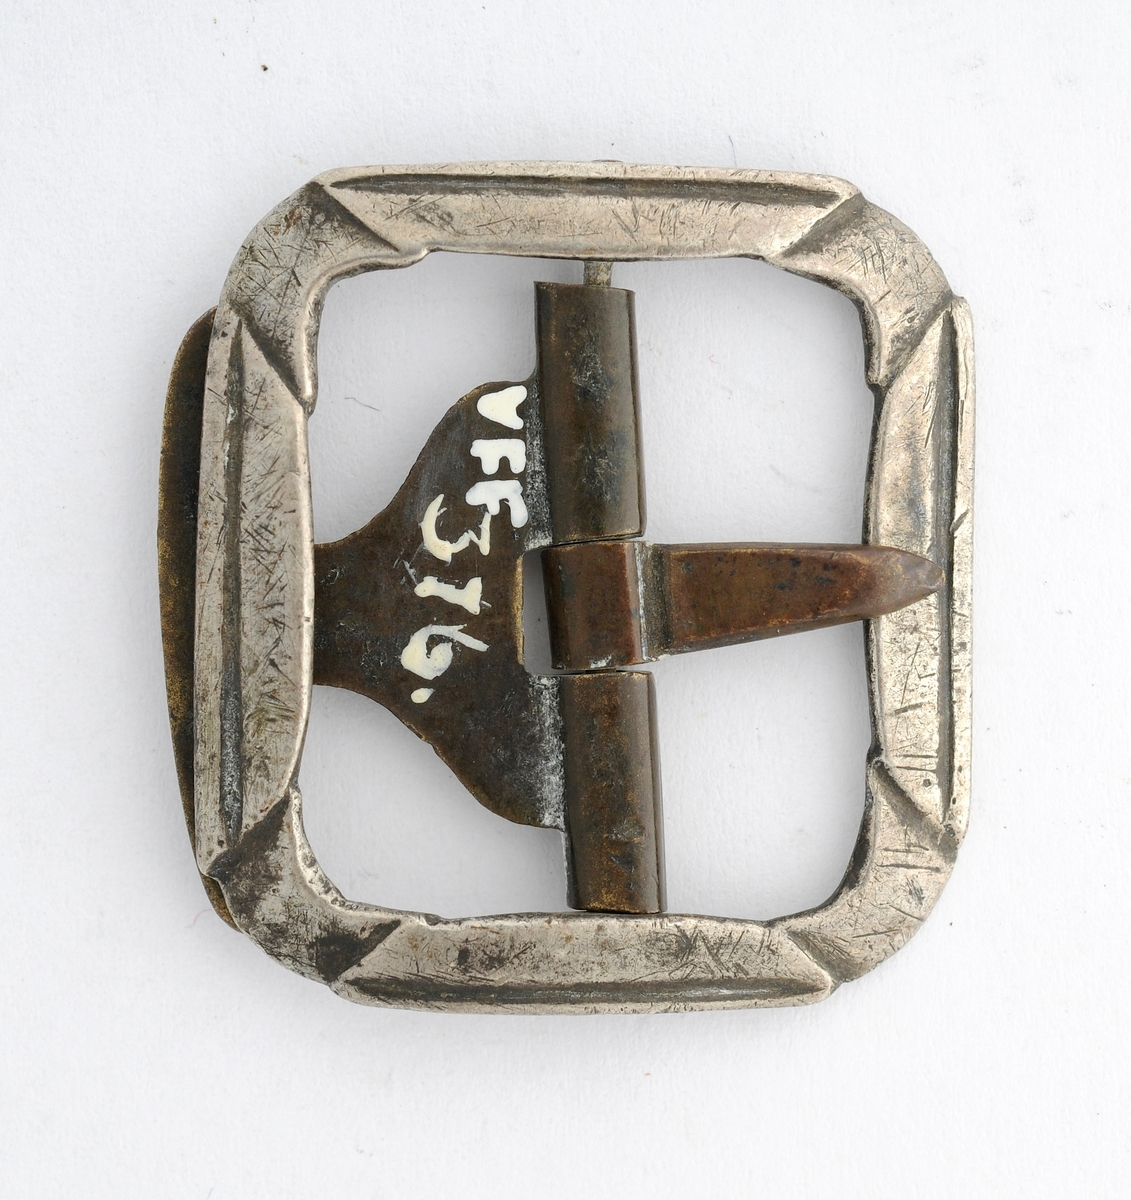 """Knebandspenne støypt i sølv.  Rektangulær form. Lite bøygd. Stolpe, kalv og tann smidd i messing ?. Kalven har ein """"mothake"""". På baksida fleire stemplar. (sjå foto)"""